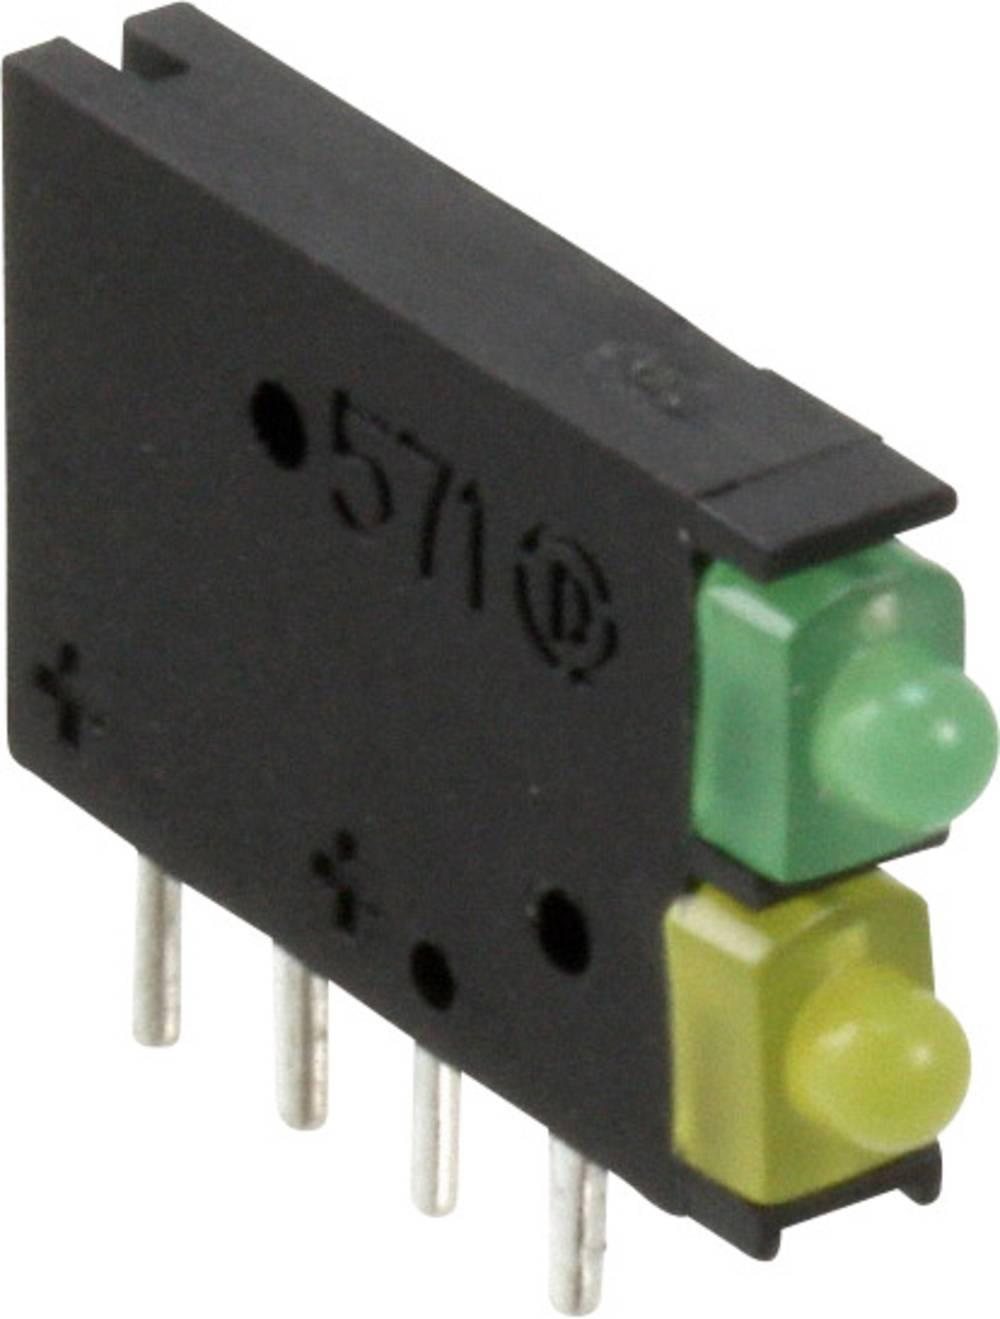 LED-komponent Dialight (L x B x H) 15.42 x 11.6 x 2.48 mm Grøn, Gul